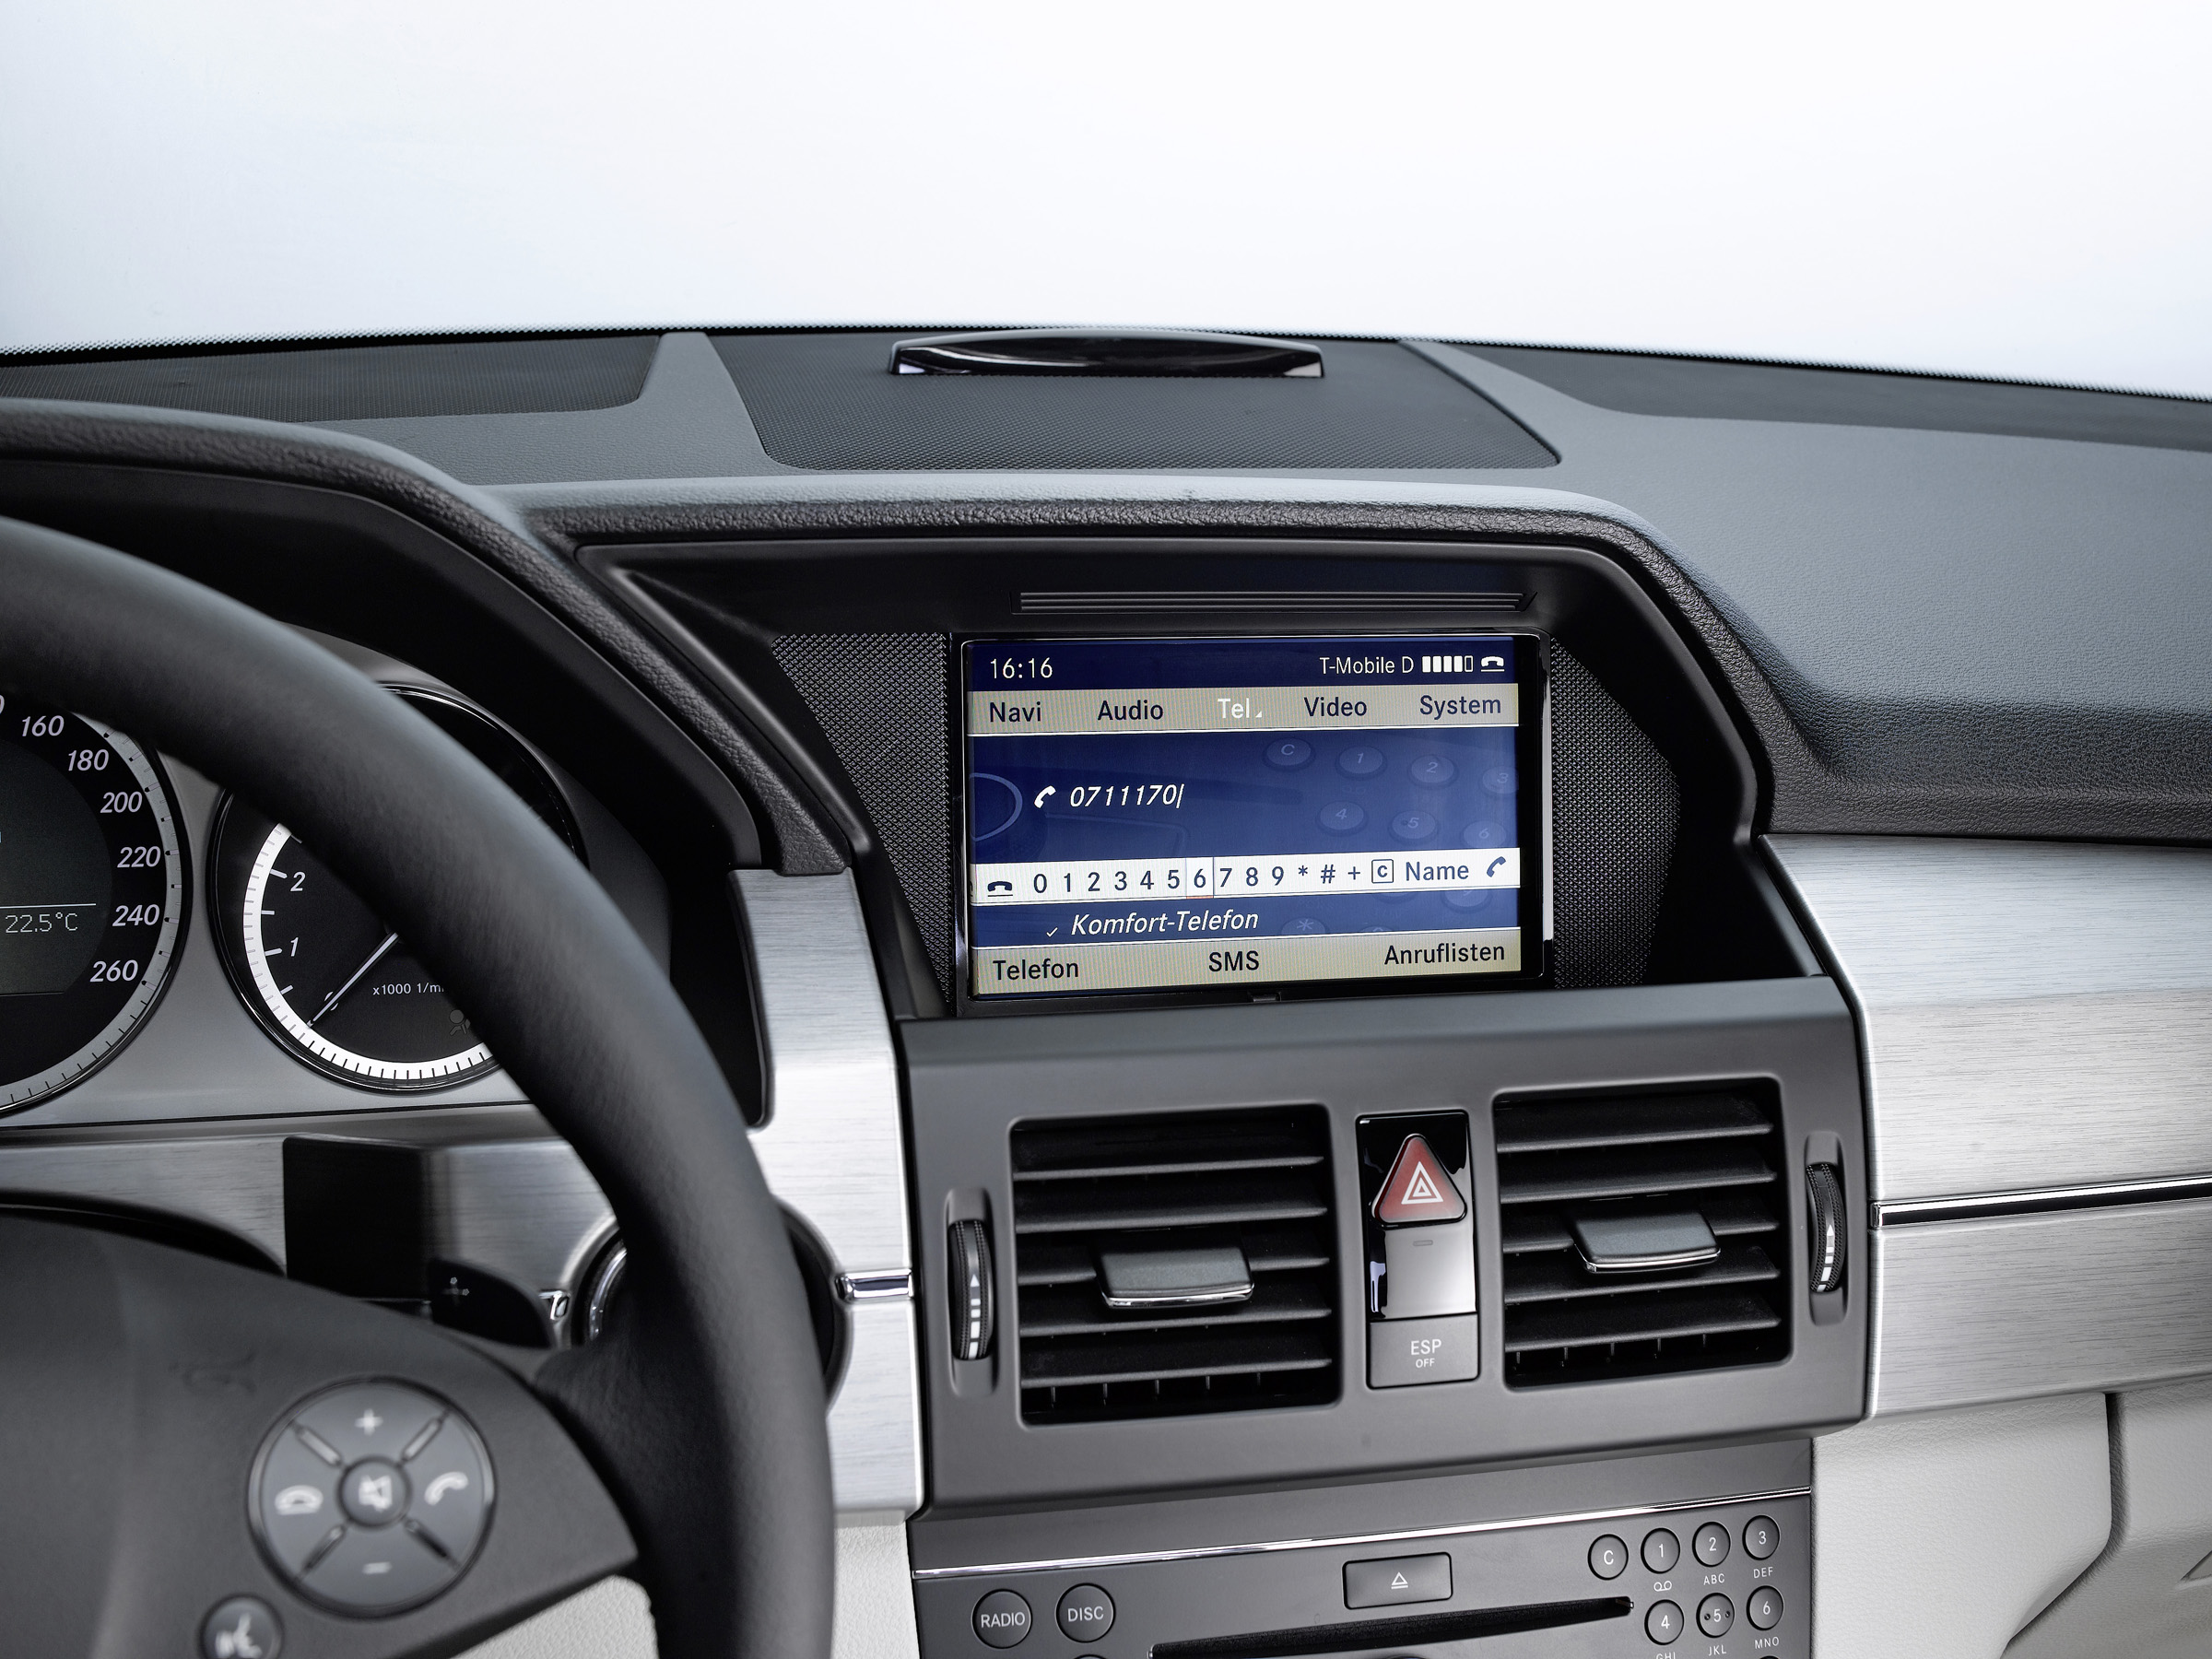 Новая колыбель позволяет полностью интегрироваться в архитектуре автомобиля: Mercedes-Benz делает в автомобиле iPhone® подключение еще проще - фотография №6